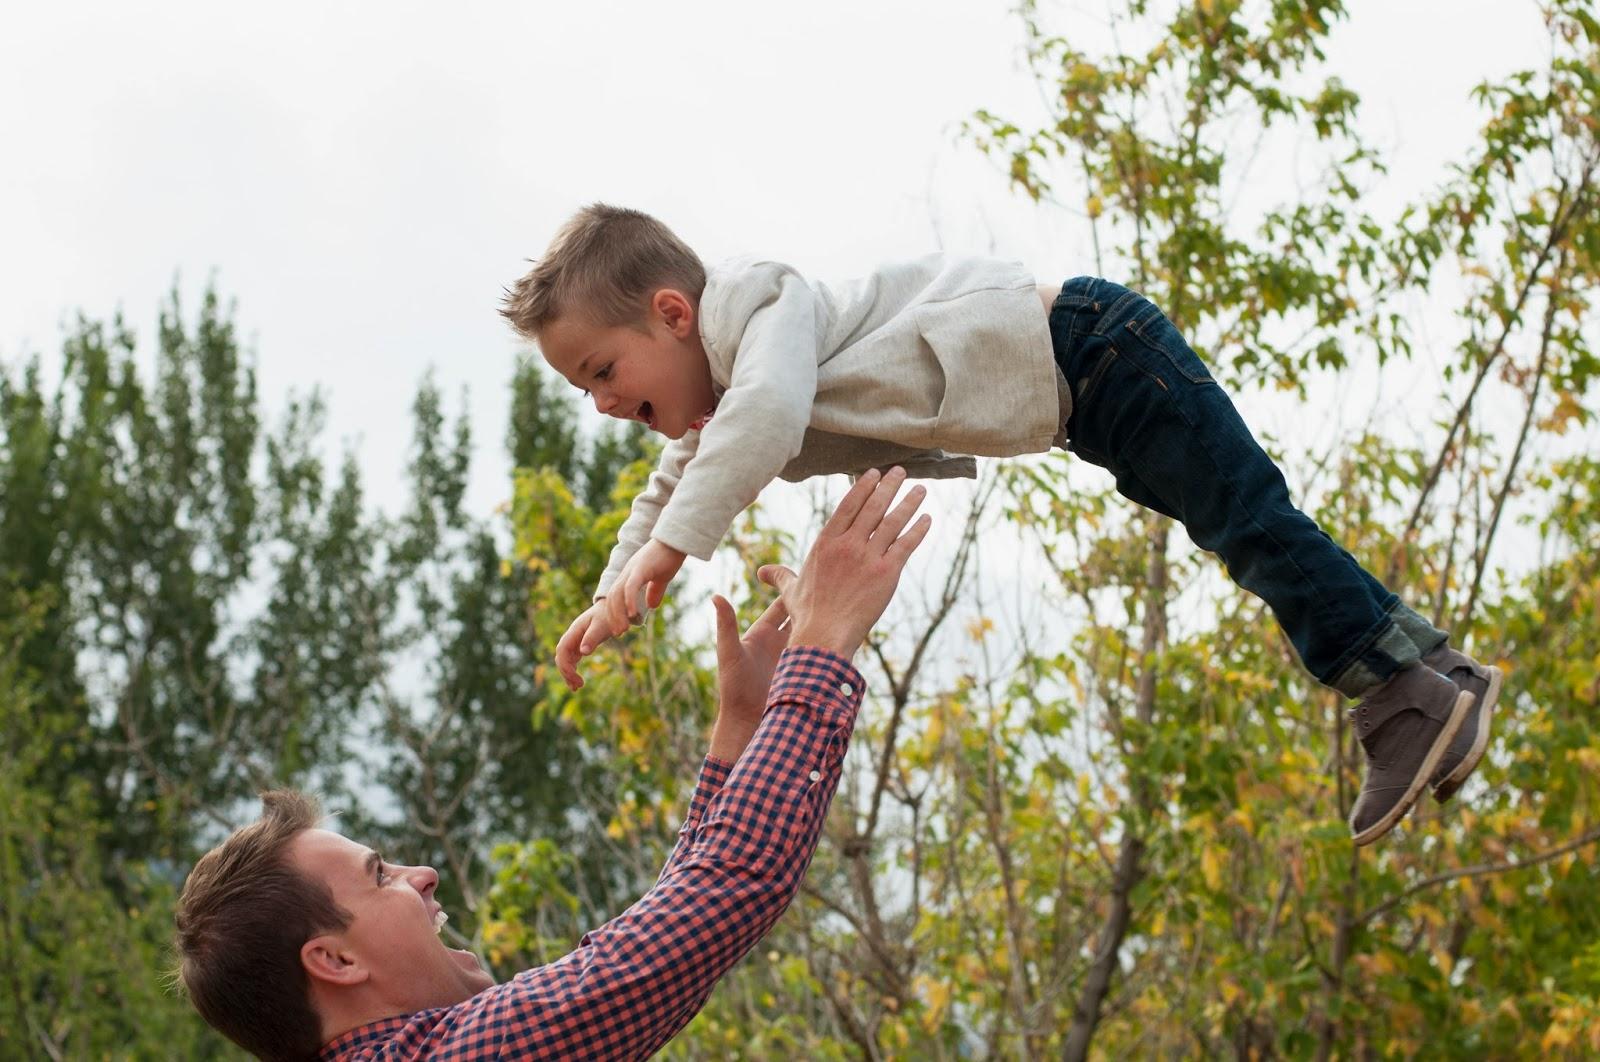 utah photography, utah photographer, utah family photographer,j&h photography